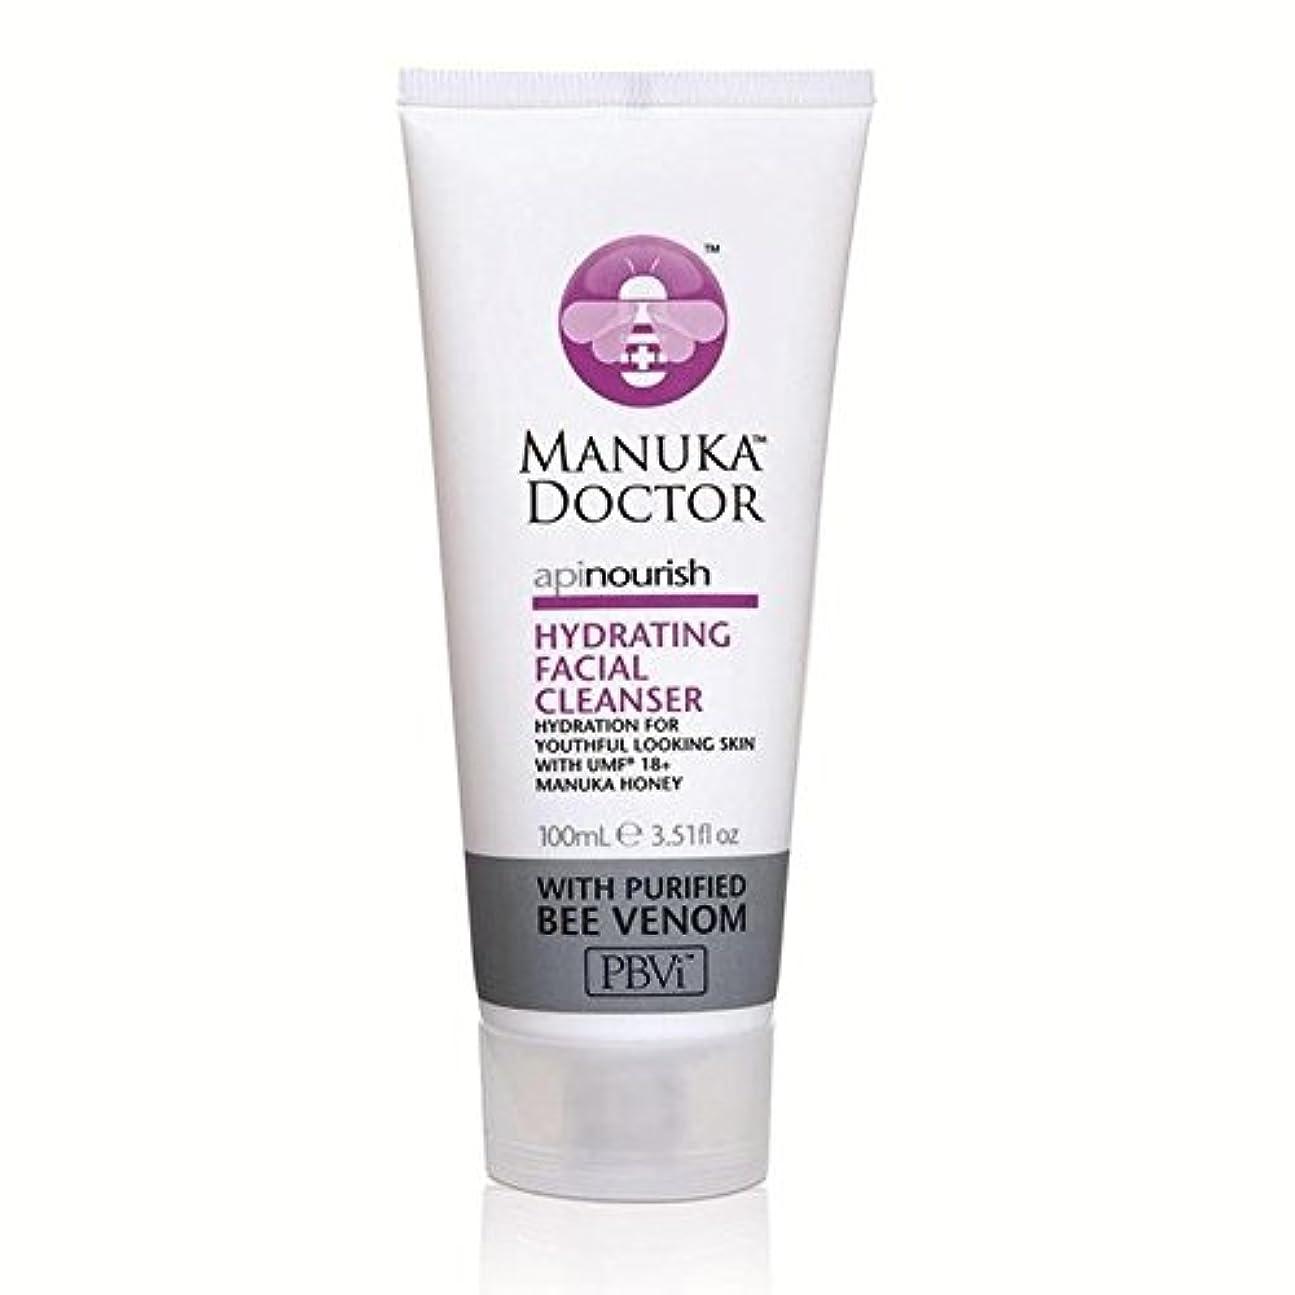 マヌカドクター洗顔料の100ミリリットルの水和養います x4 - Manuka Doctor Api Nourish Hydrating Facial Cleanser 100ml (Pack of 4) [並行輸入品]